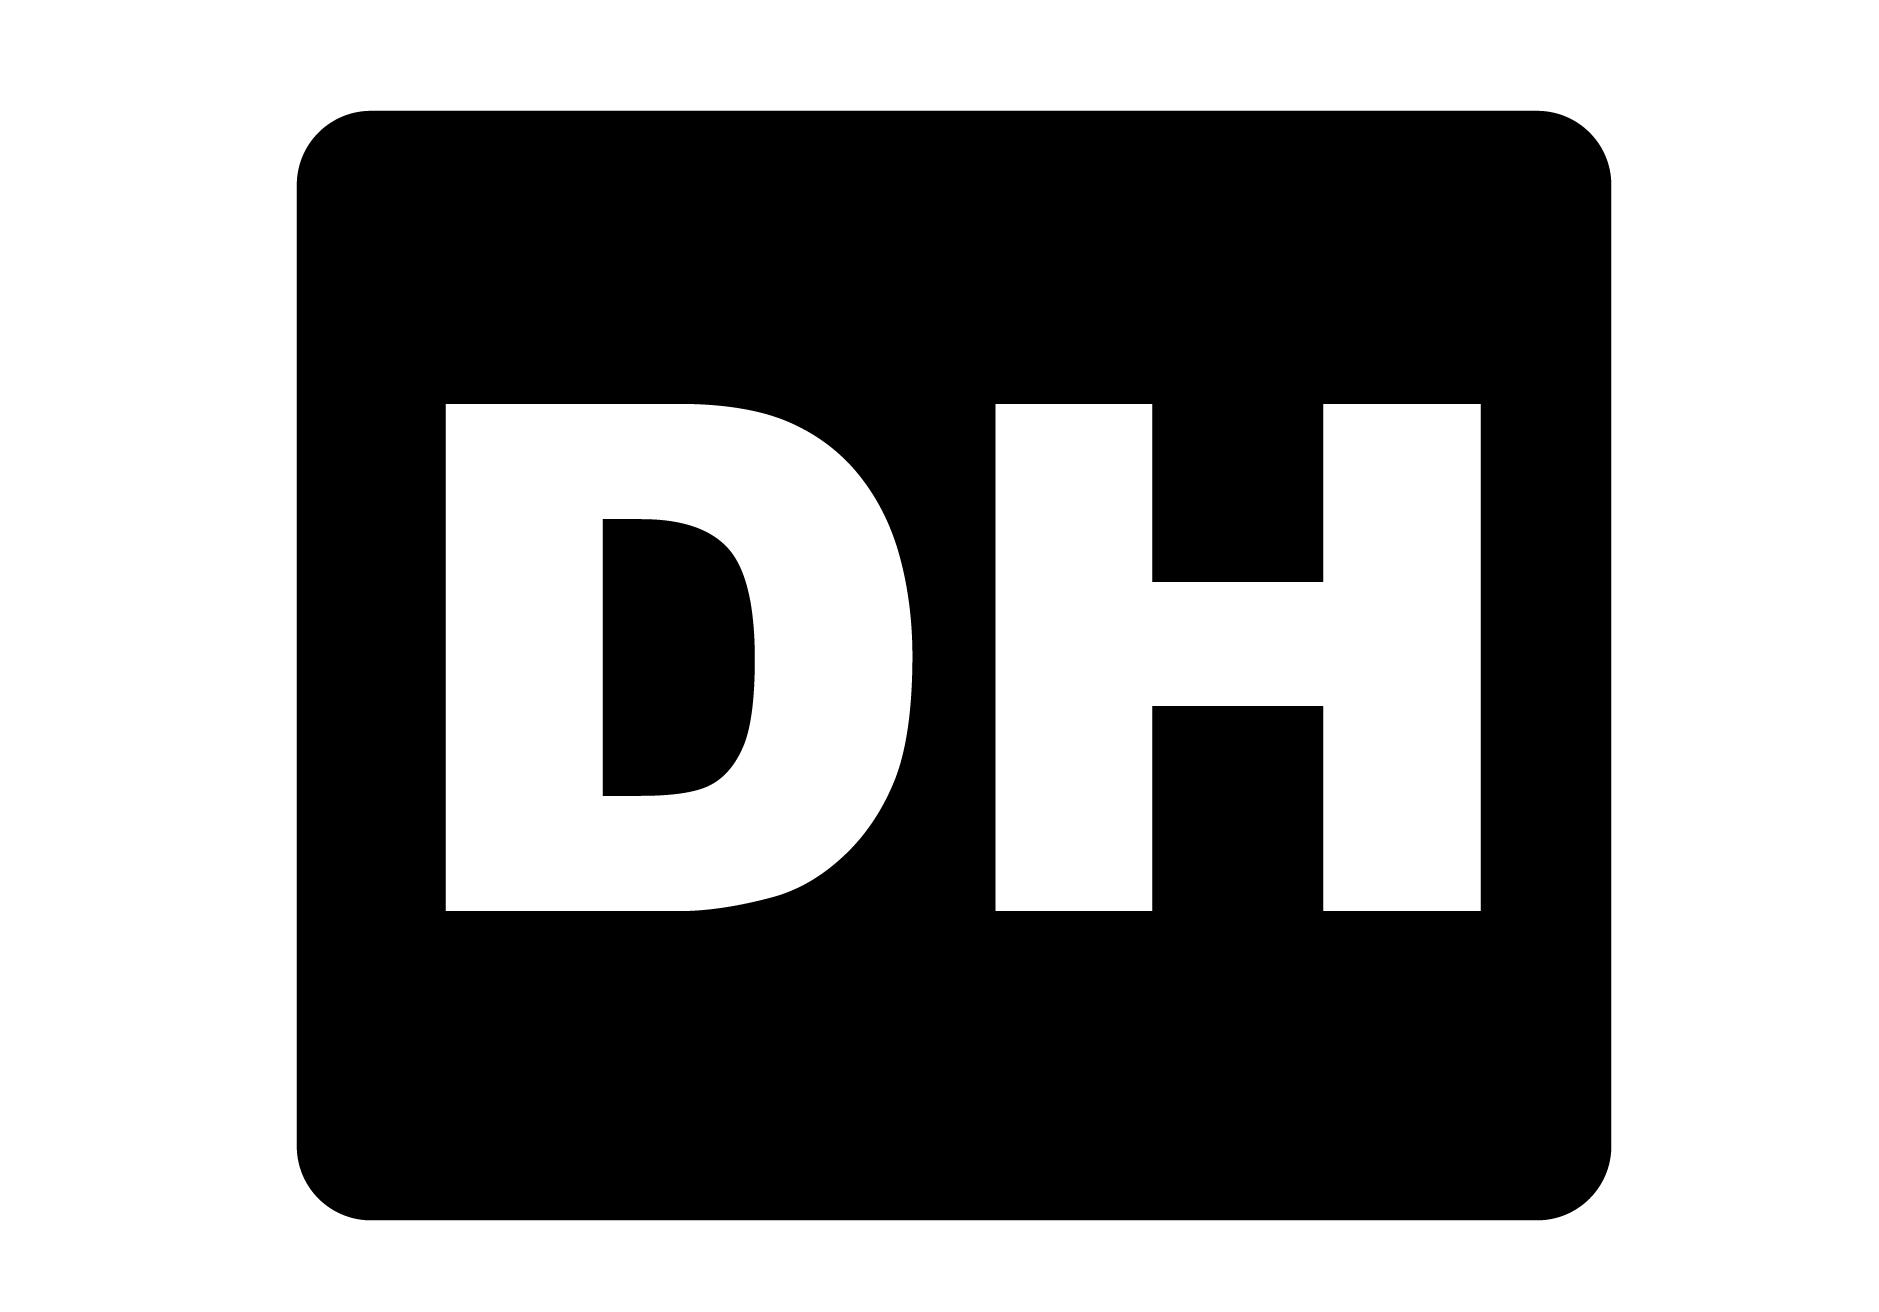 danskhandelsblad